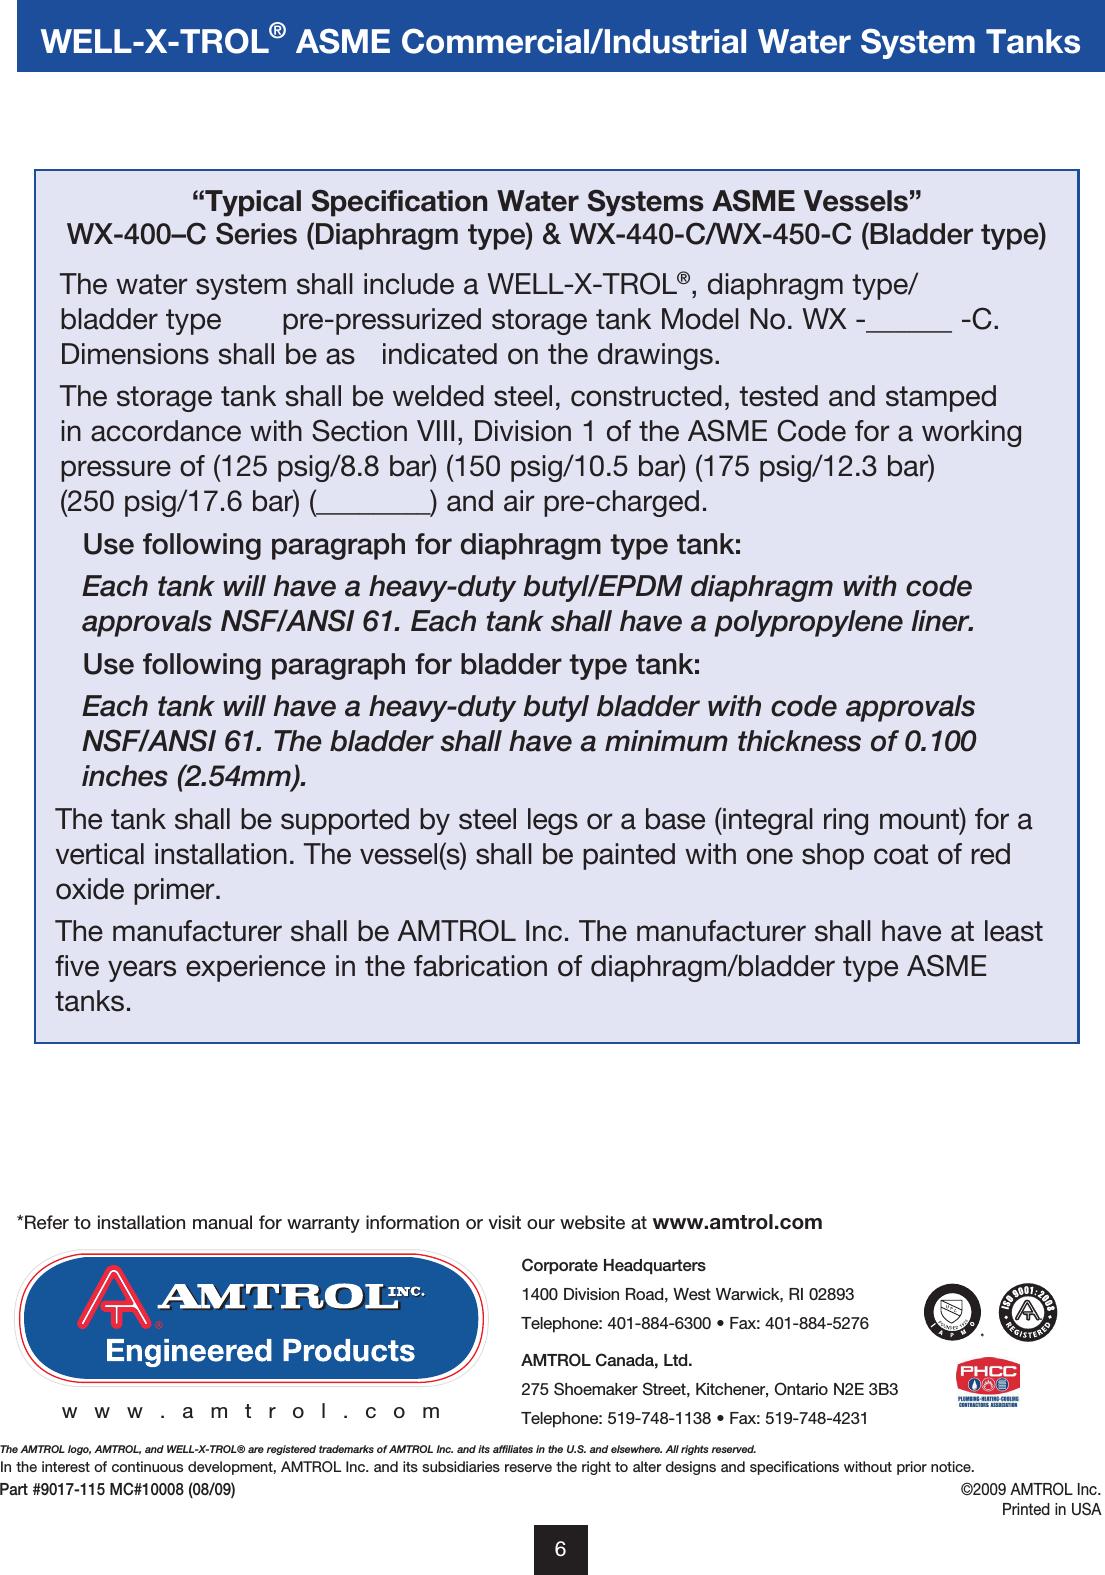 Amtrol Warranty